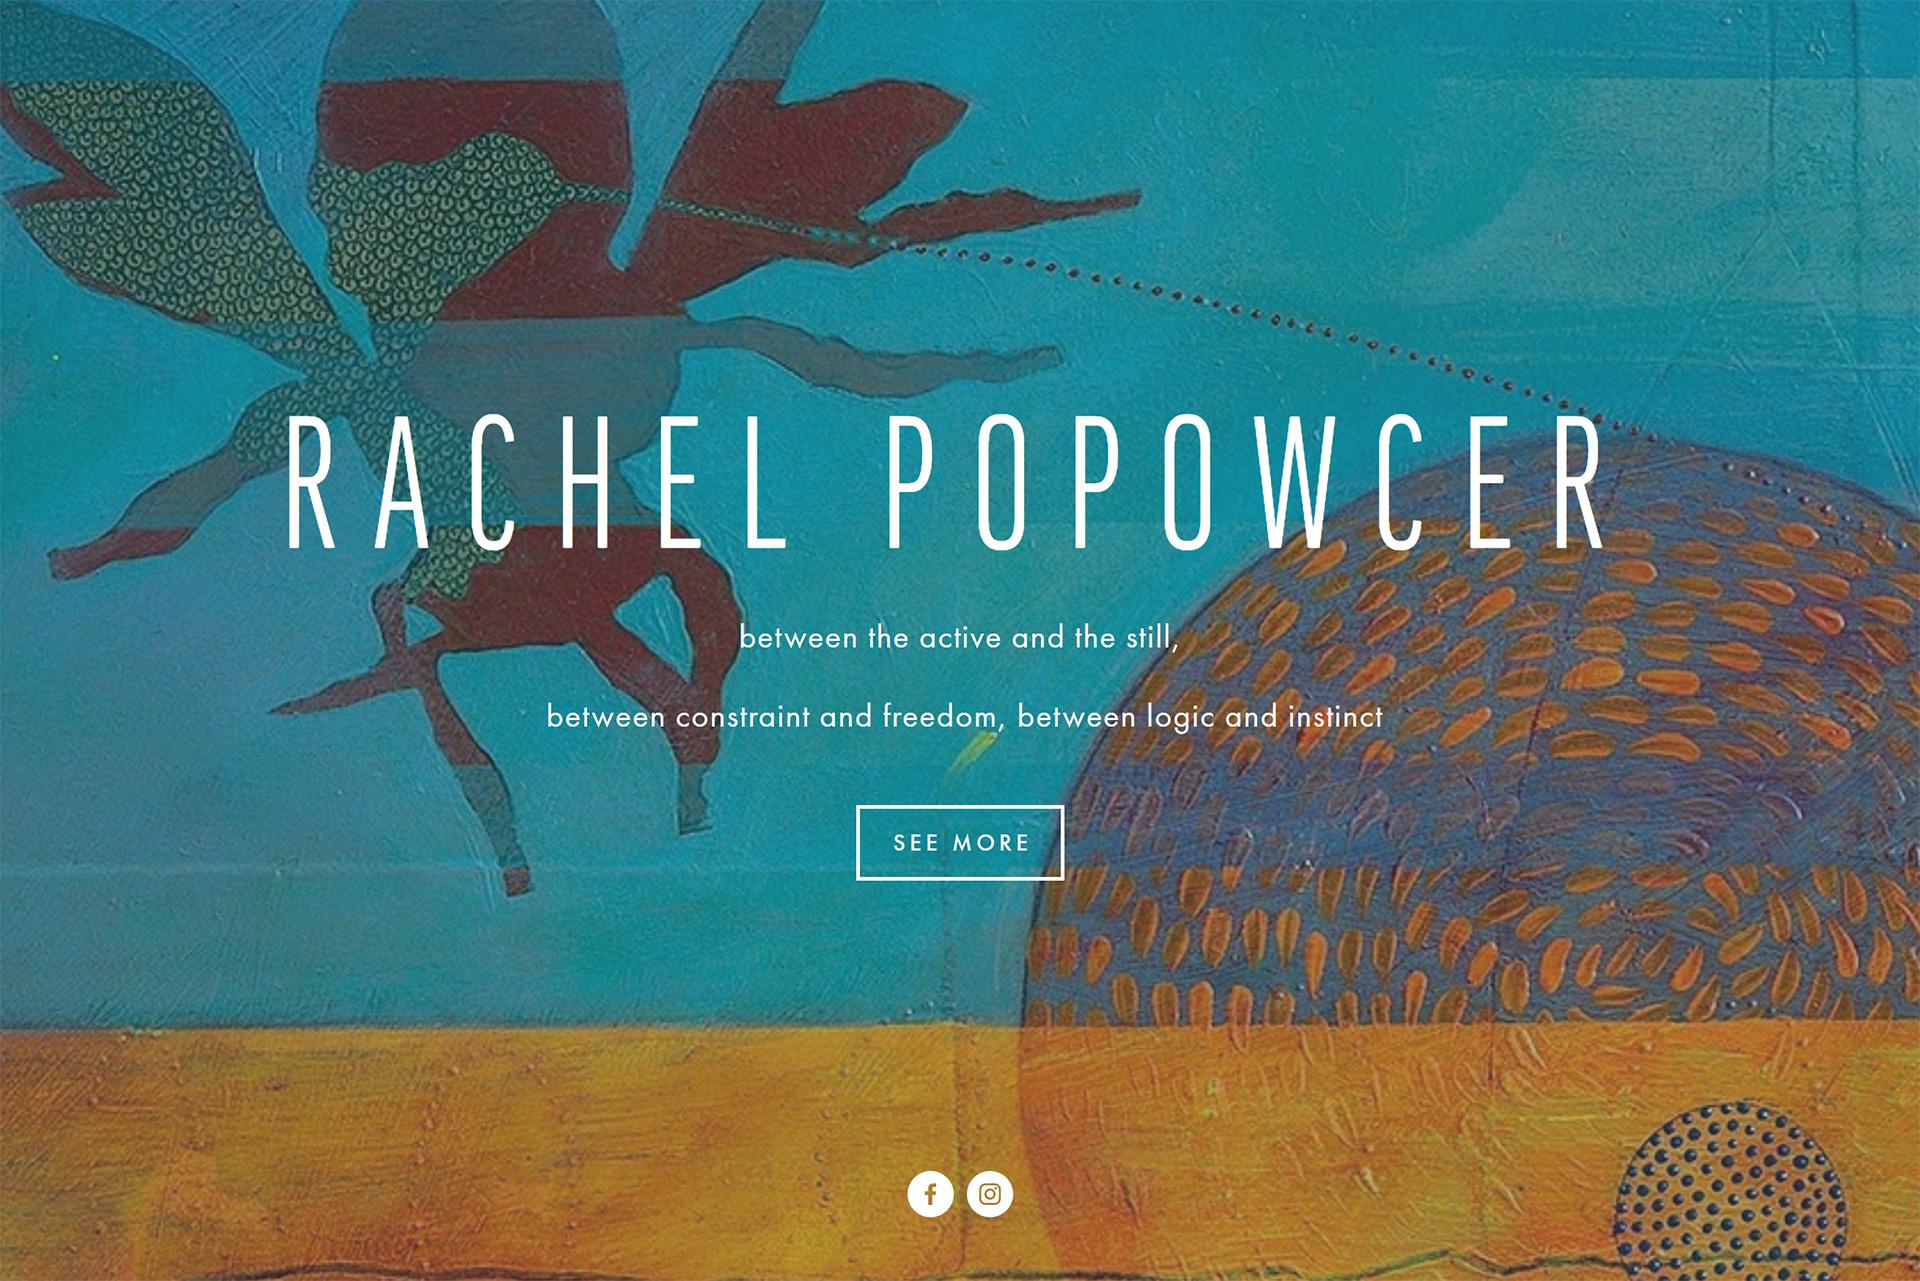 Rachel Popowcer Website